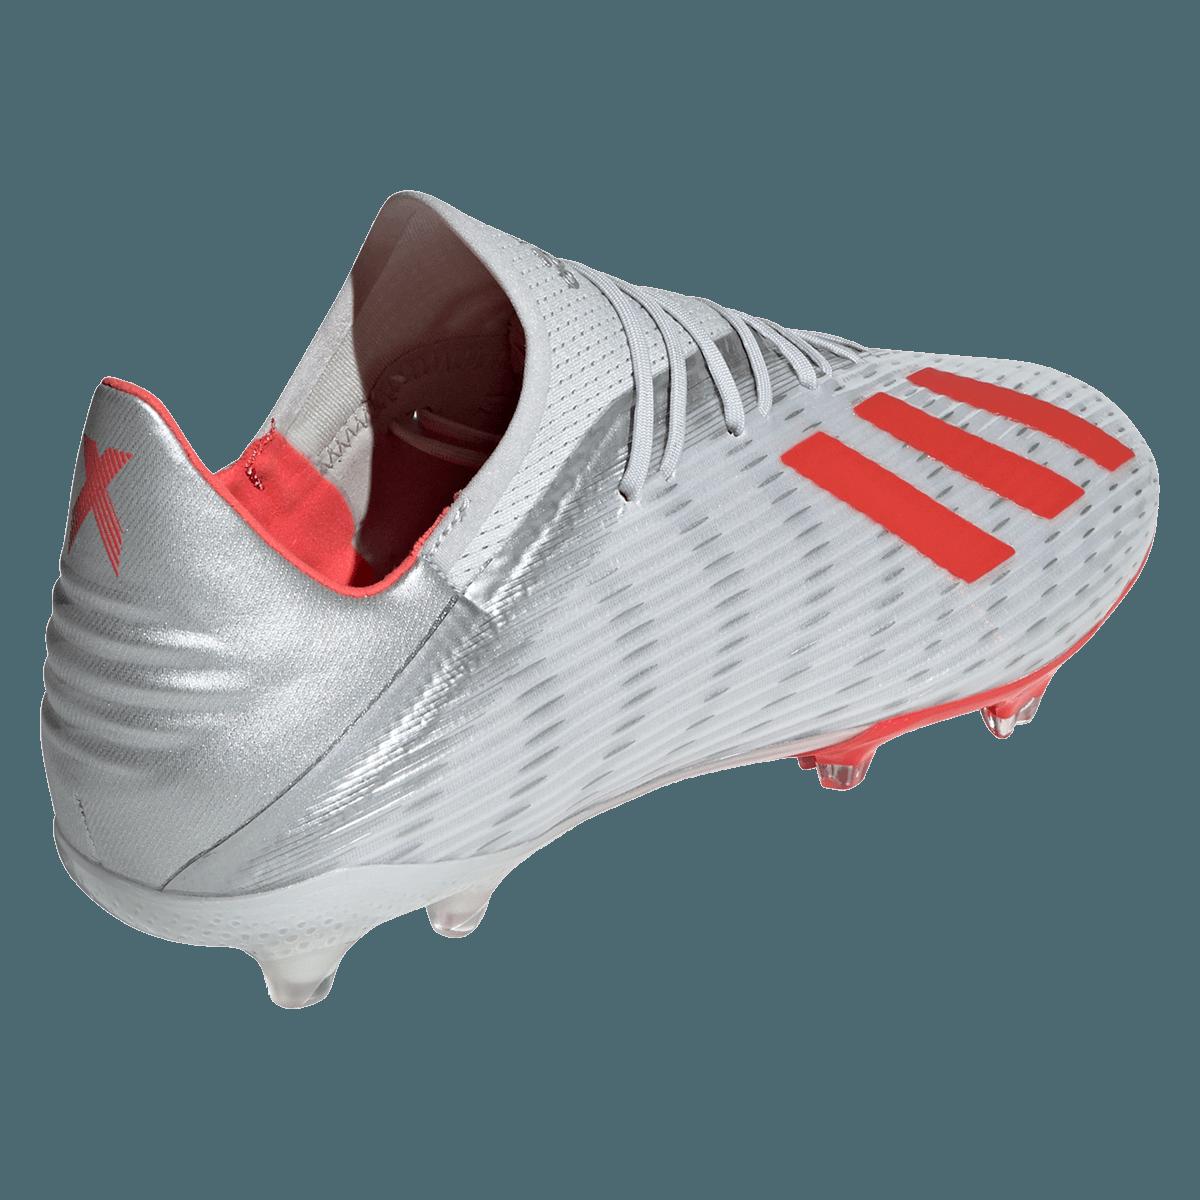 adidas voetbalschoenen X 19.2 FG zilverrood